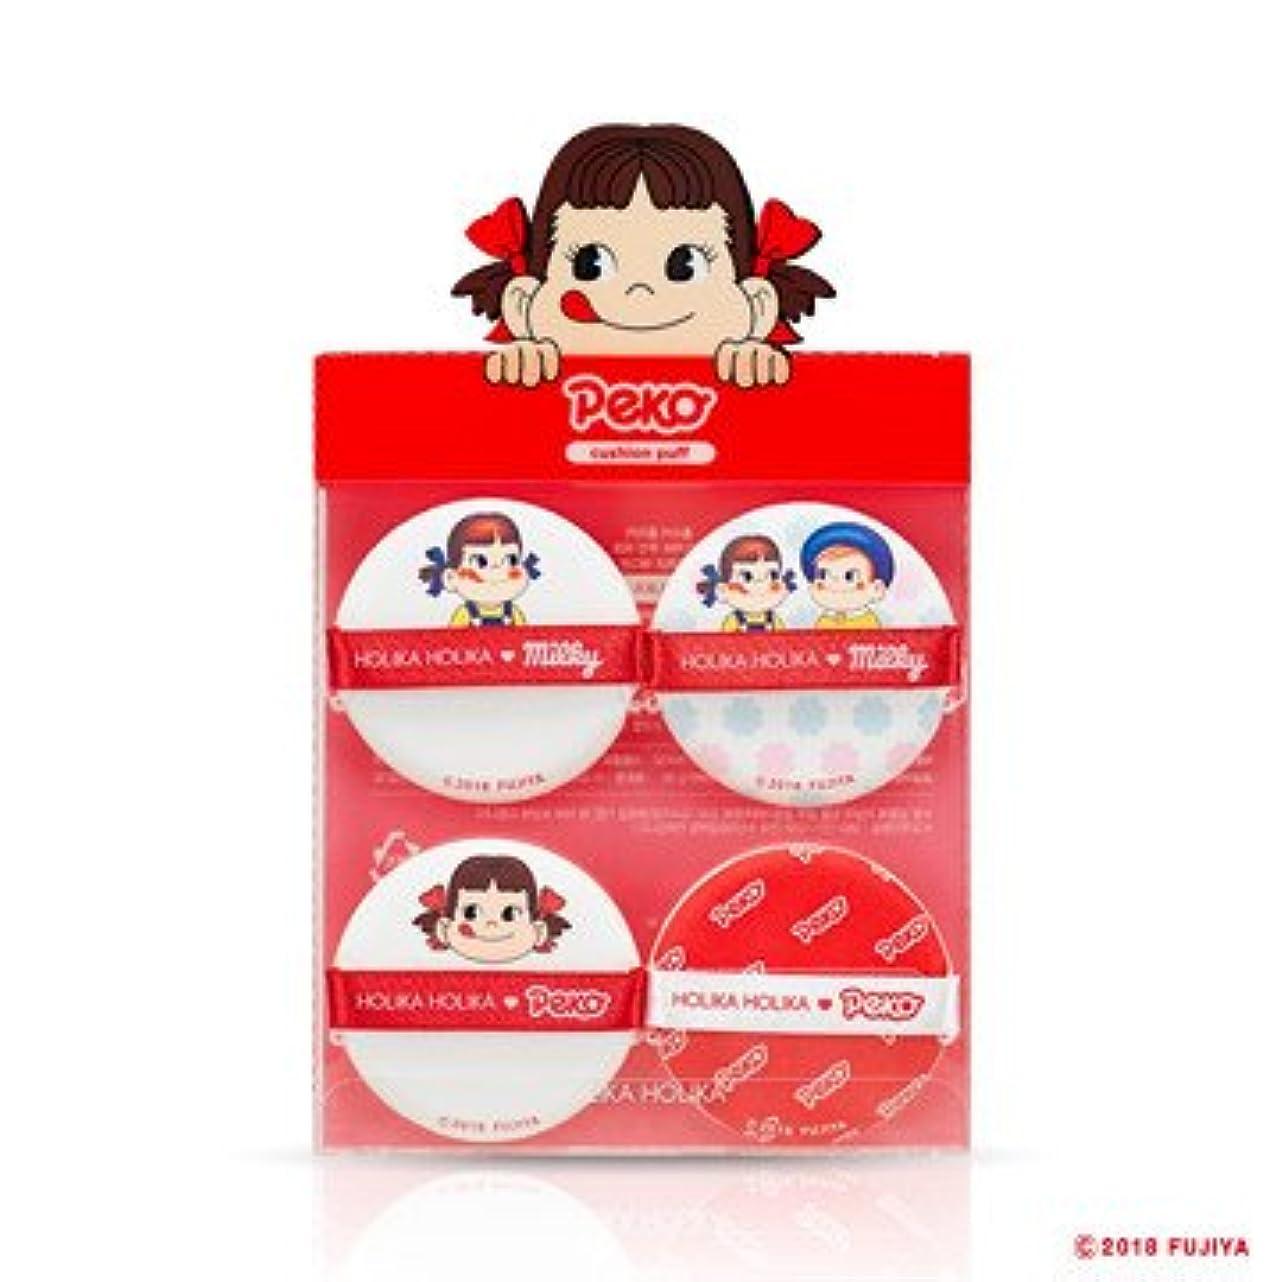 連結するリーガンシャックルHolika Holika [Sweet Peko Edition] Hard Cover Cushion Puff(4EA)/ホリカホリカ [スイートペコエディション] ハードカバークッションパフ (4枚入り) [並行輸入品]